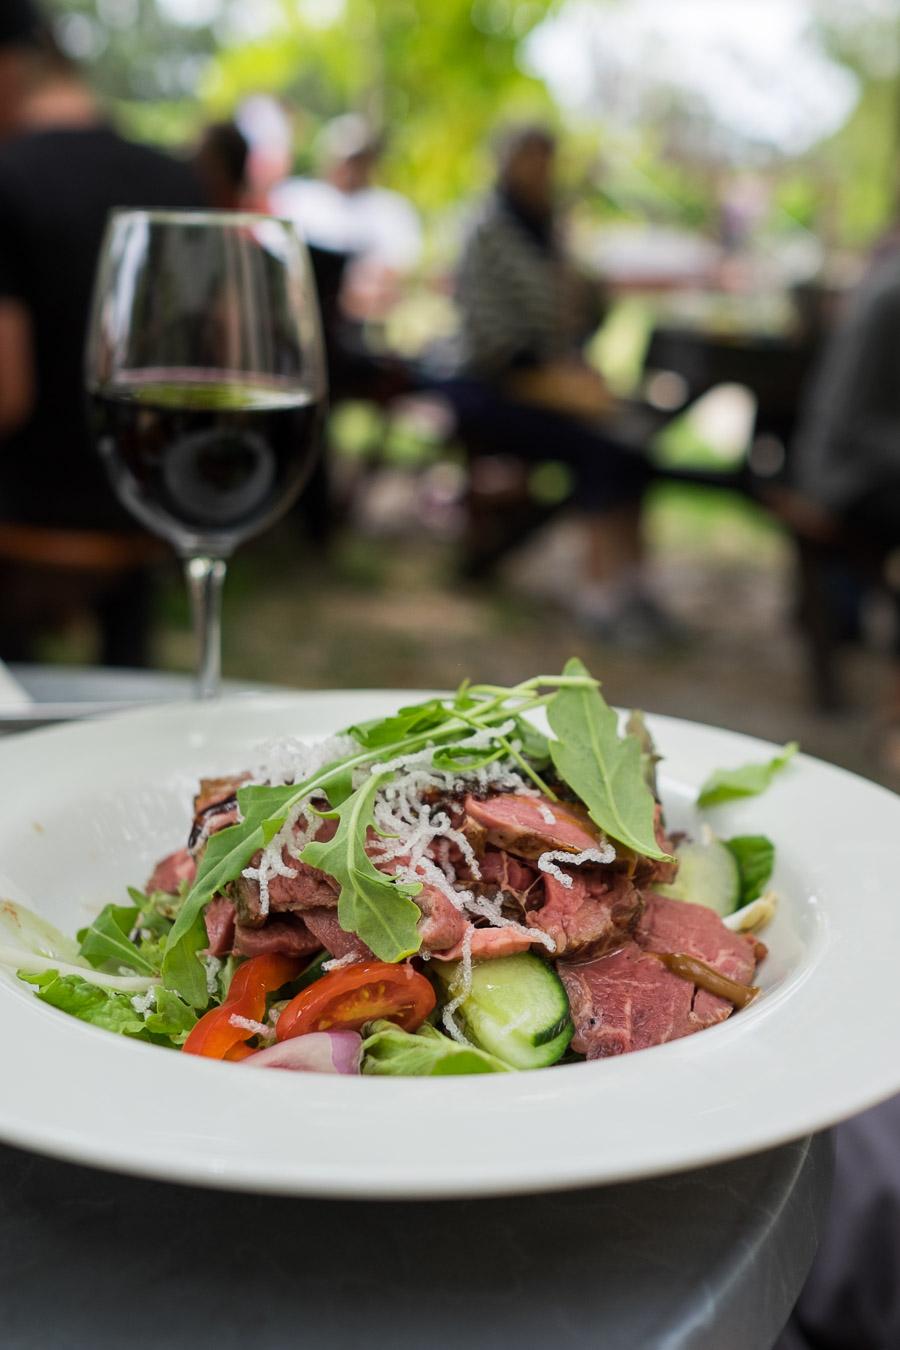 Teriyaki beef salad